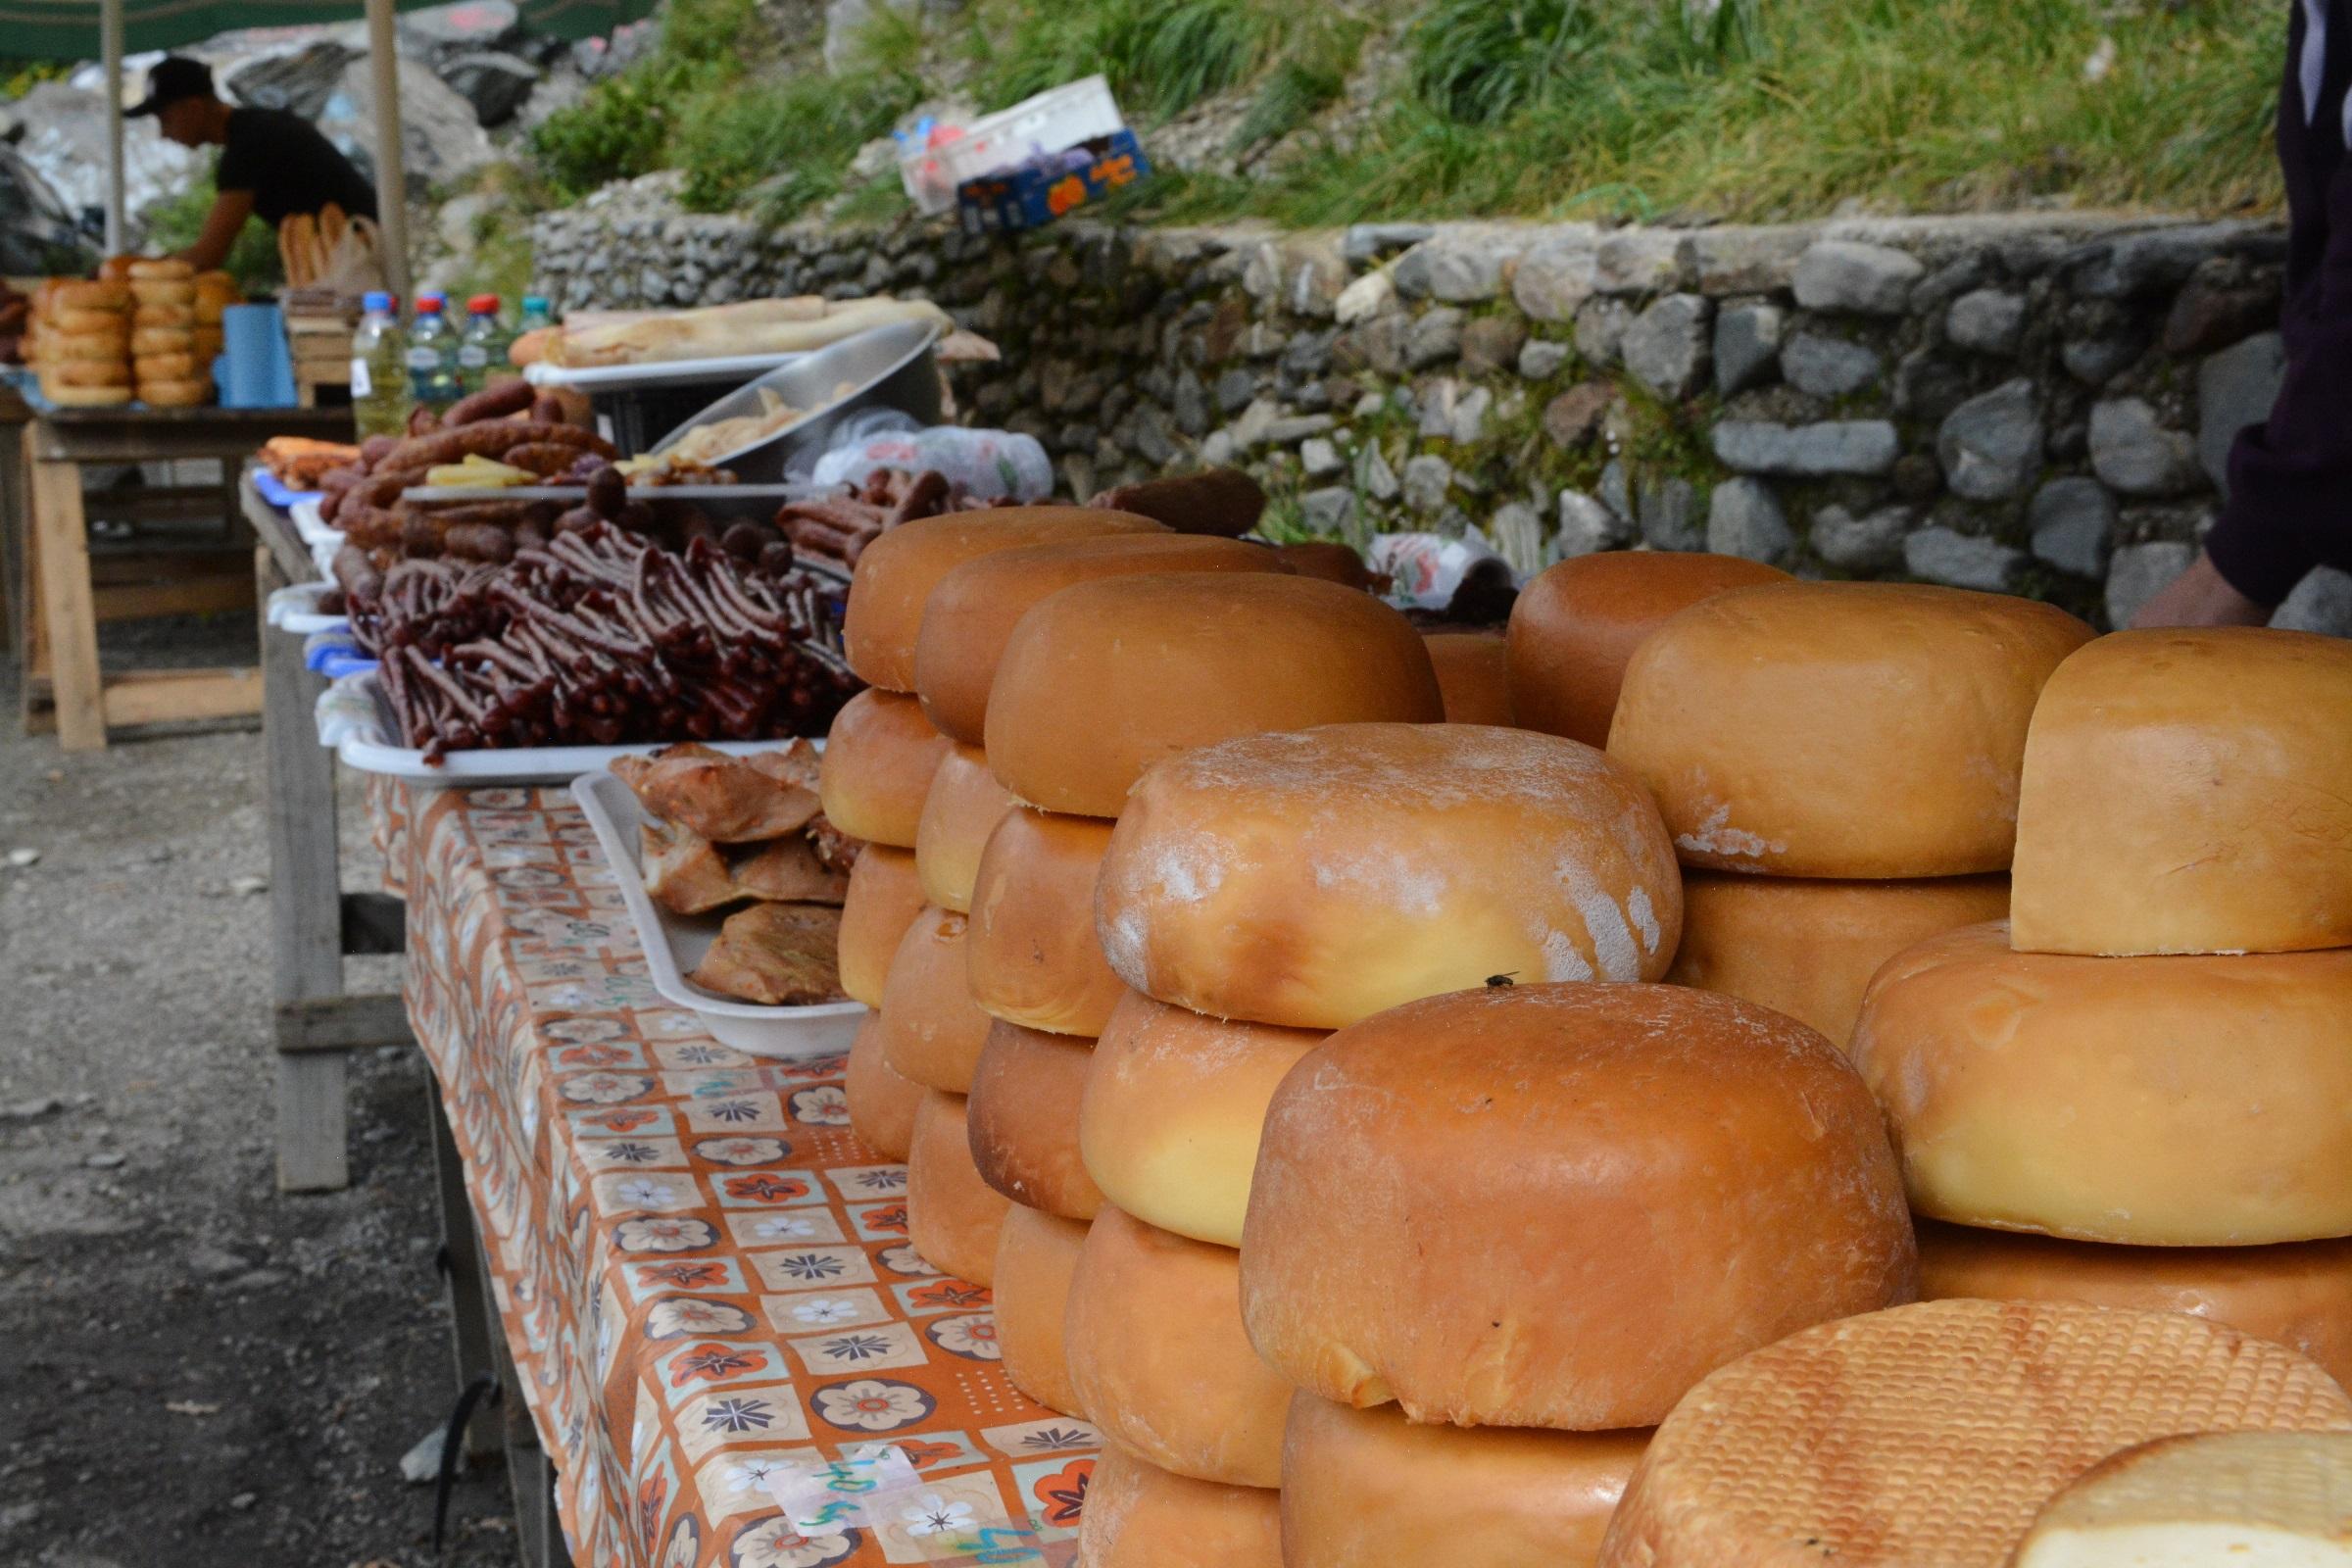 Kuchnia Rumunska Wysmakowane Co Jesc A Czego Uinikac